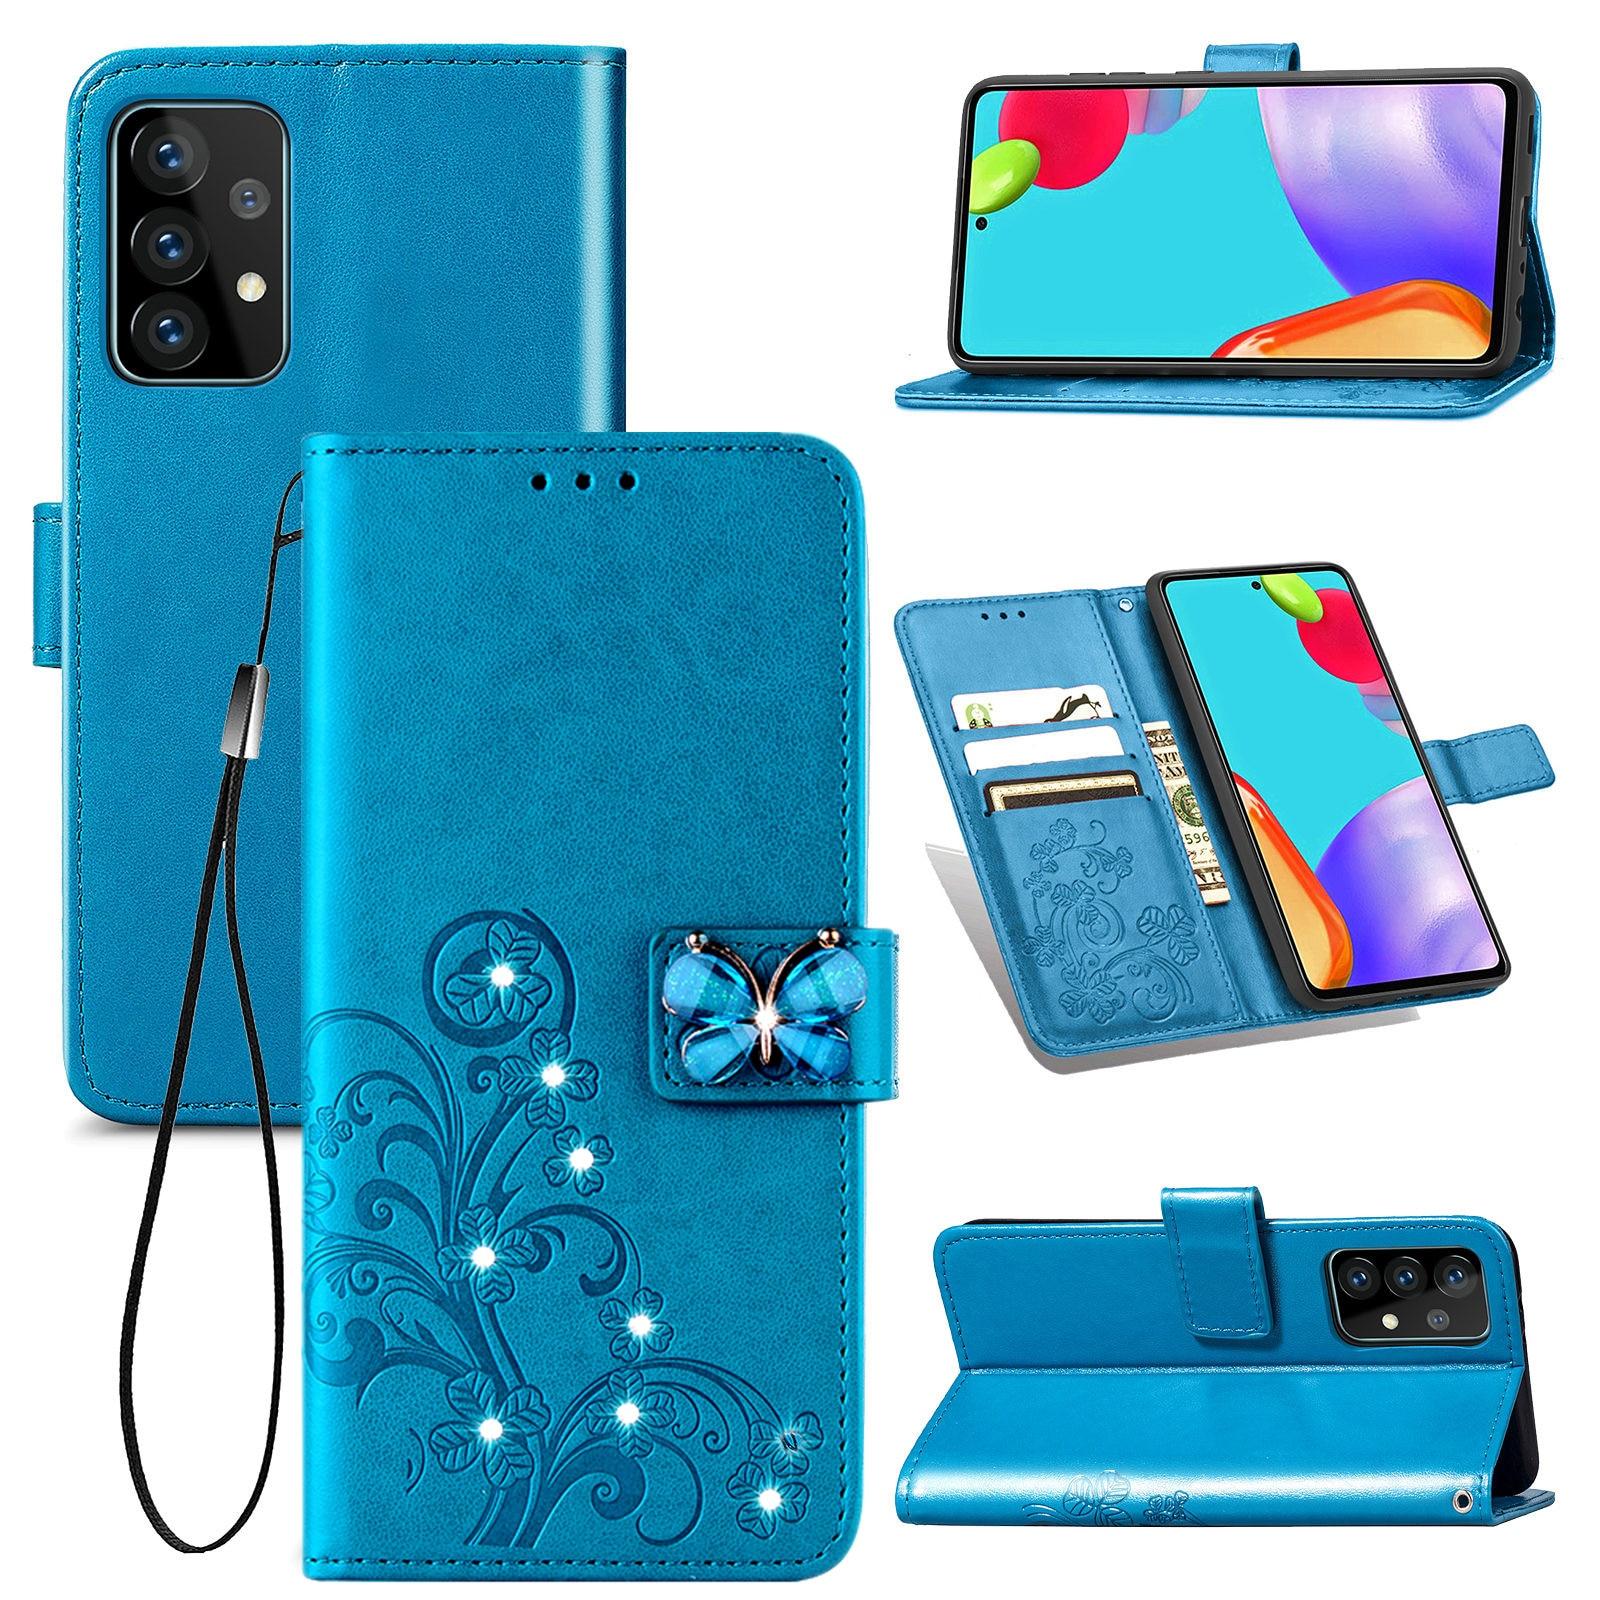 Для Coque Samsung A42 5G флип-кейс с бабочками Чехол-бумажник чехол для Samsung Галактики A12 чехол 42 12 52 A52 A72 A32 A02S кожаный чехол-накладка